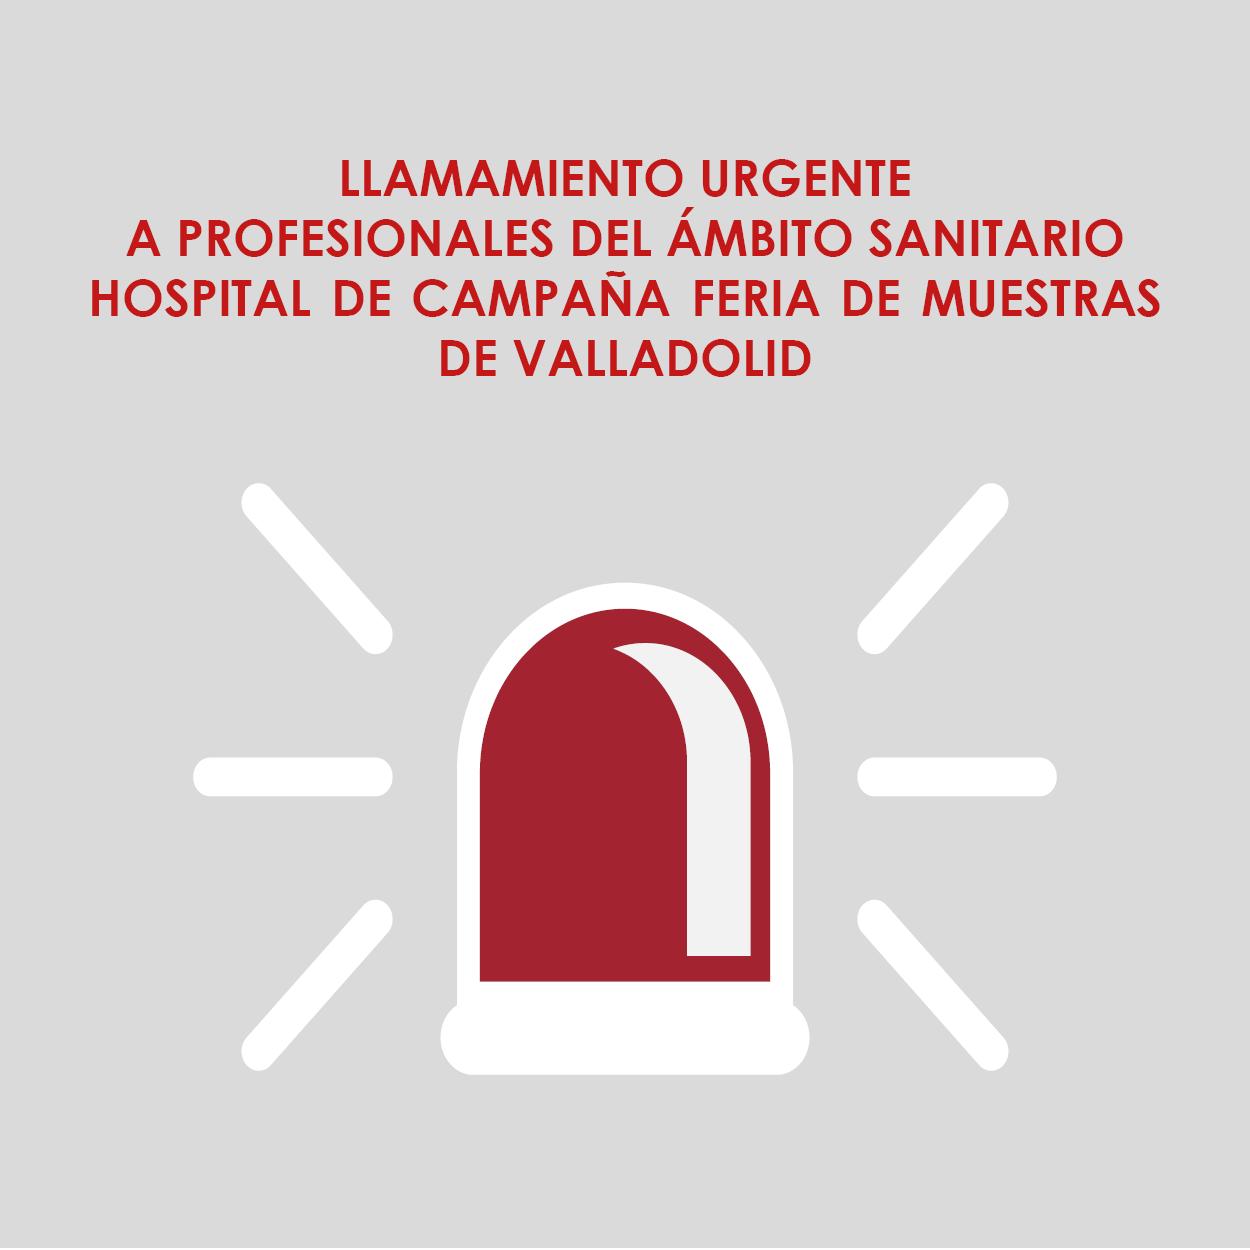 LLAMAMIENTO PROFESIONALES SACYL COVID 19